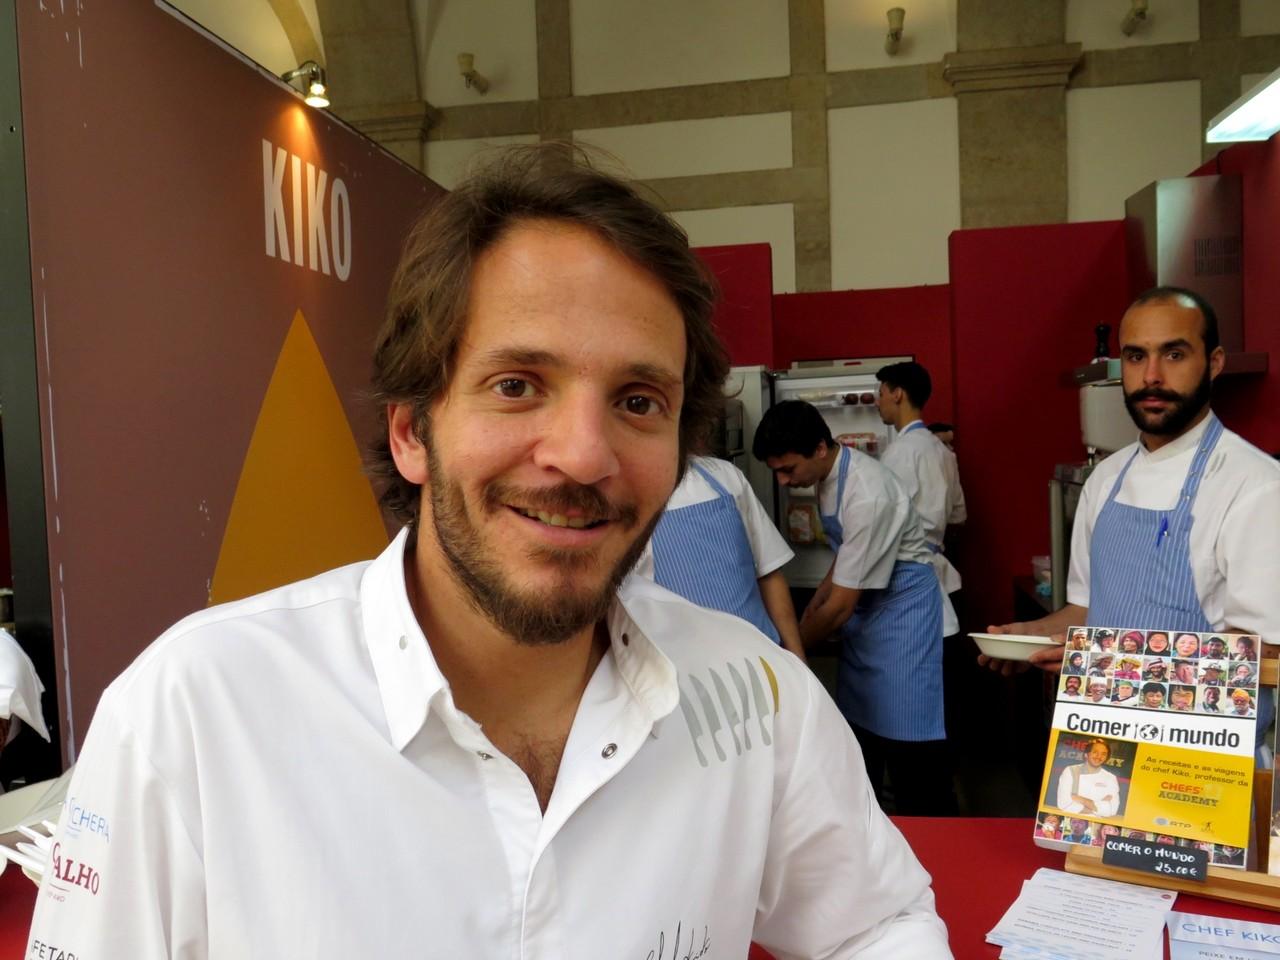 Kiko Martins